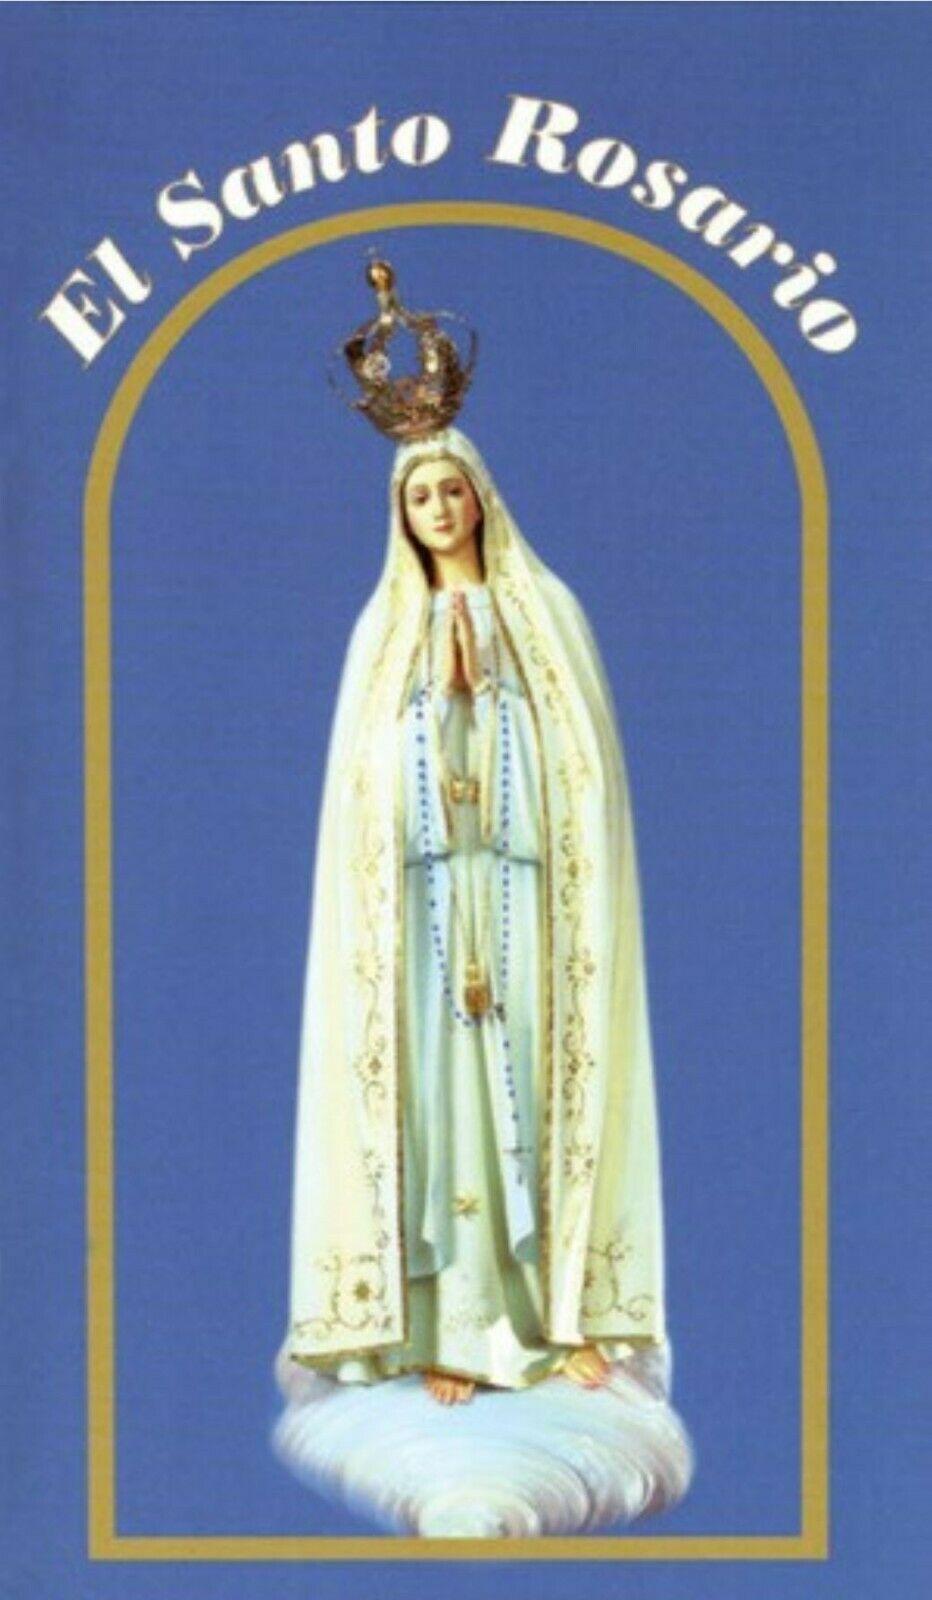 El Santo Rosario - Libro Guia para Rezar El Rosario con